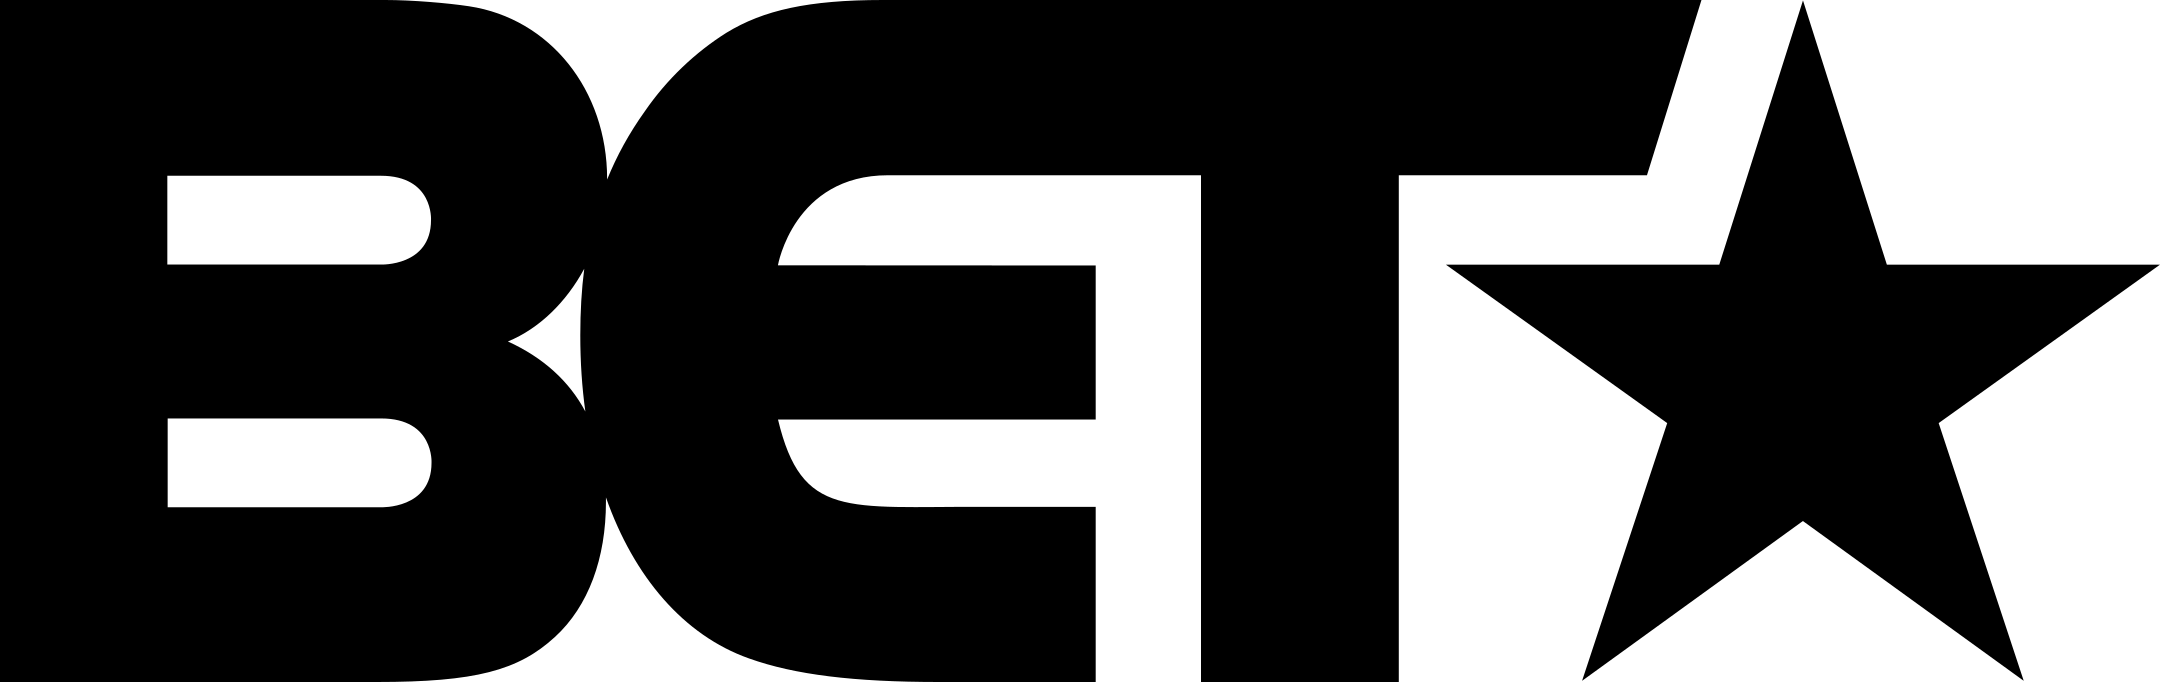 bet channel logo 1 - BET Logo (Canal de TV)